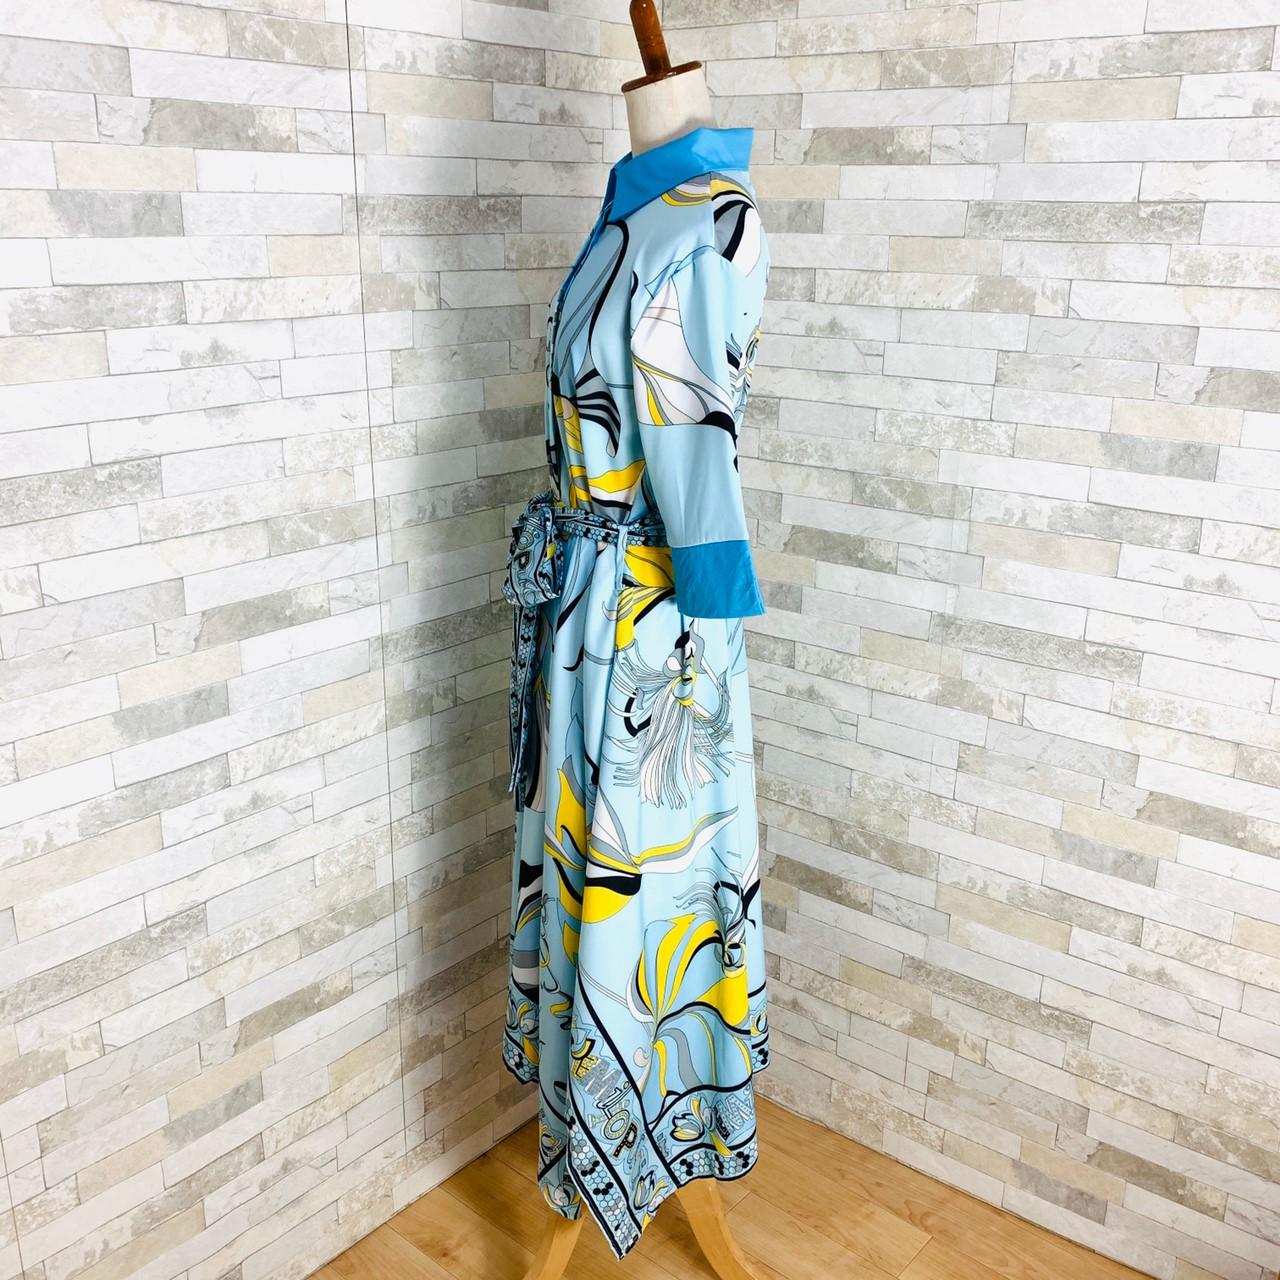 【即納】韓国 ファッション ワンピース パーティードレス ひざ丈 ミディアム 夏 春 パーティー ブライダル SPTXF023 結婚式 お呼ばれ リゾートワンピース ハワイ  二次会 セレブ きれいめの写真13枚目